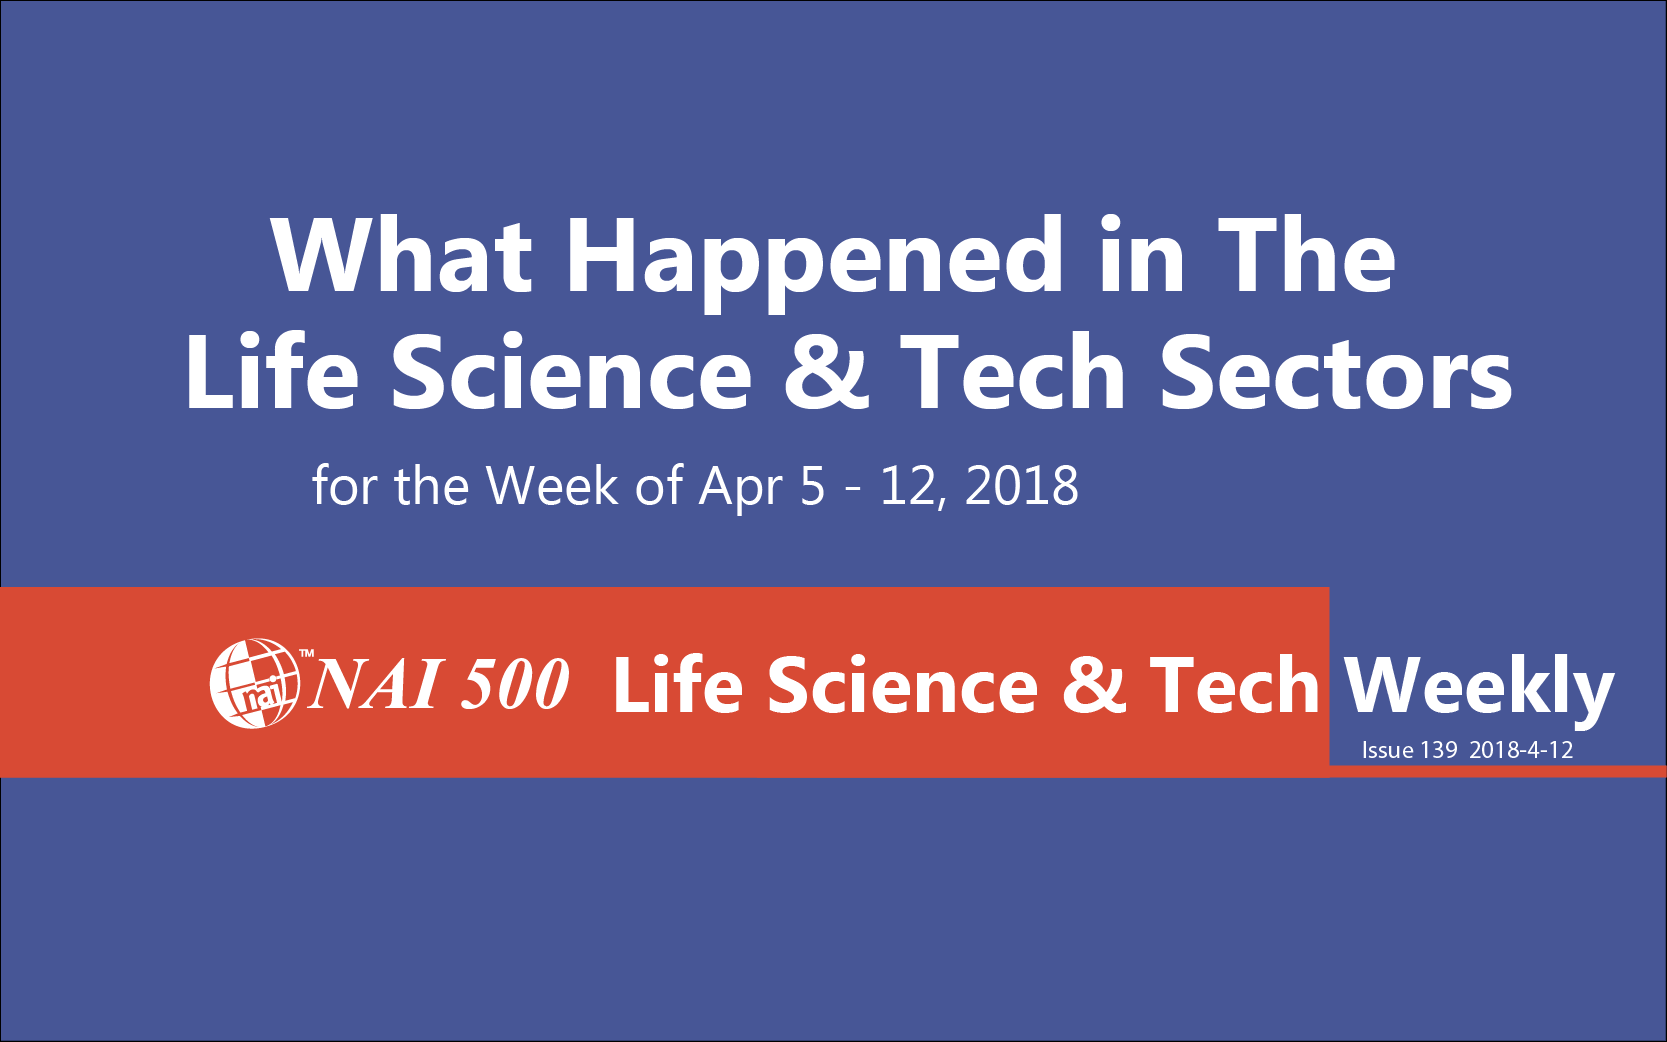 NAI Life Science & Tech Weekly - www.nai500.com